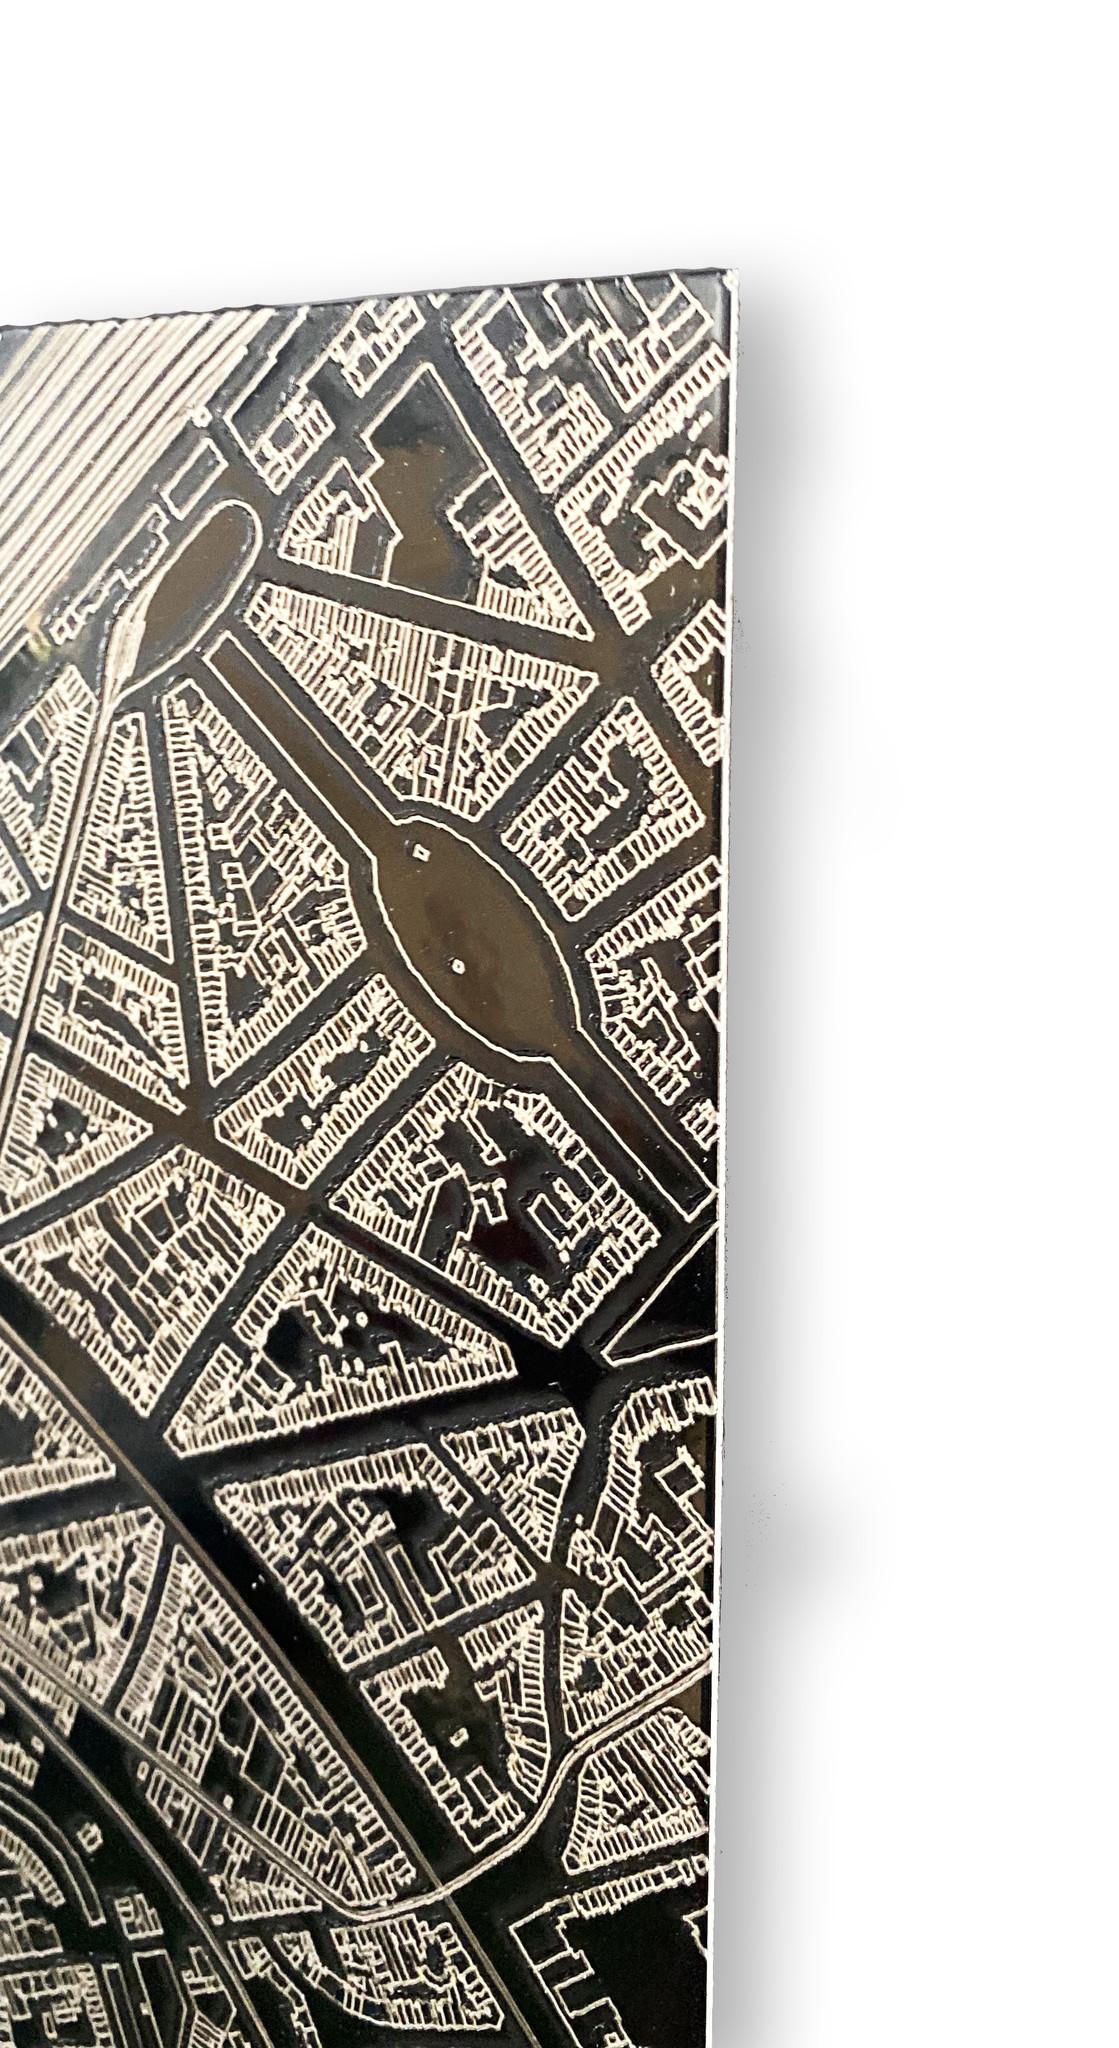 Stadtkarte Metal Krakau-6